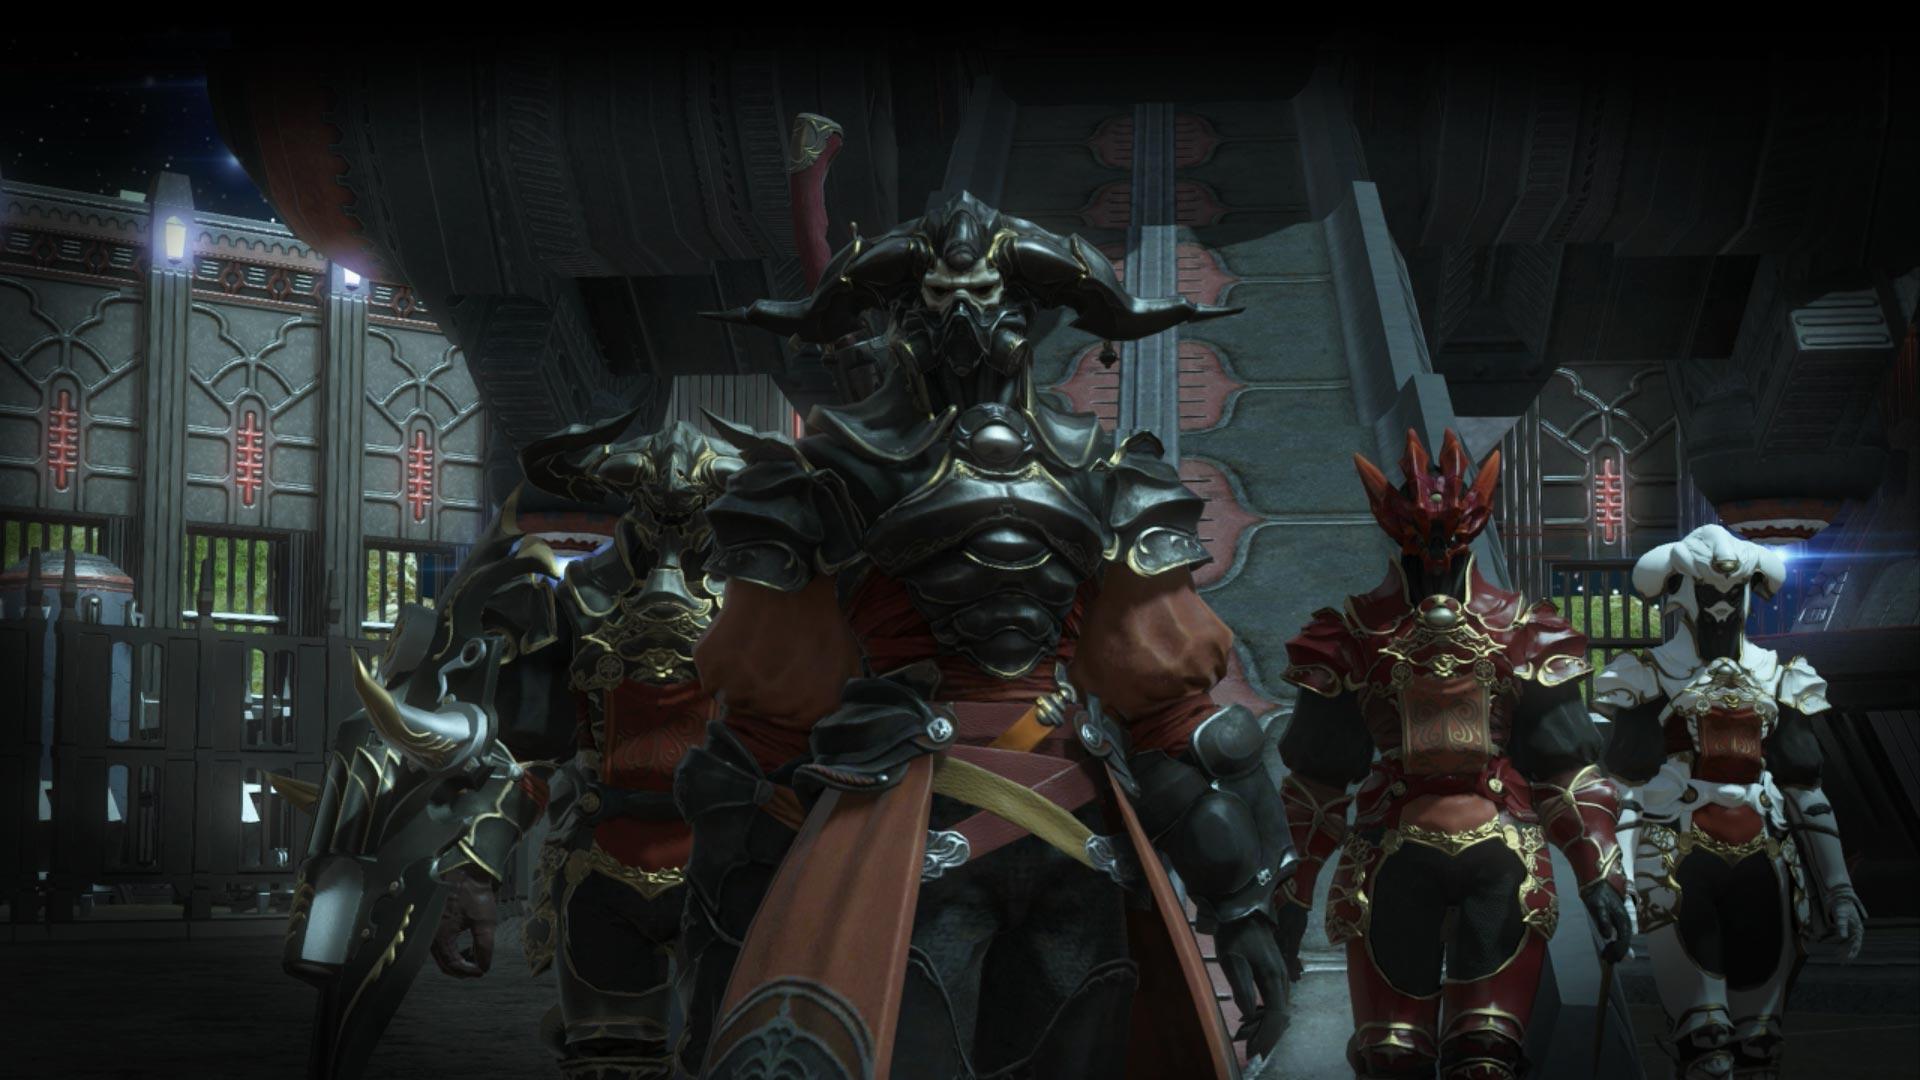 Square Enix планирует поддерживать Final Fantasy XIV ещё как минимум пять лет